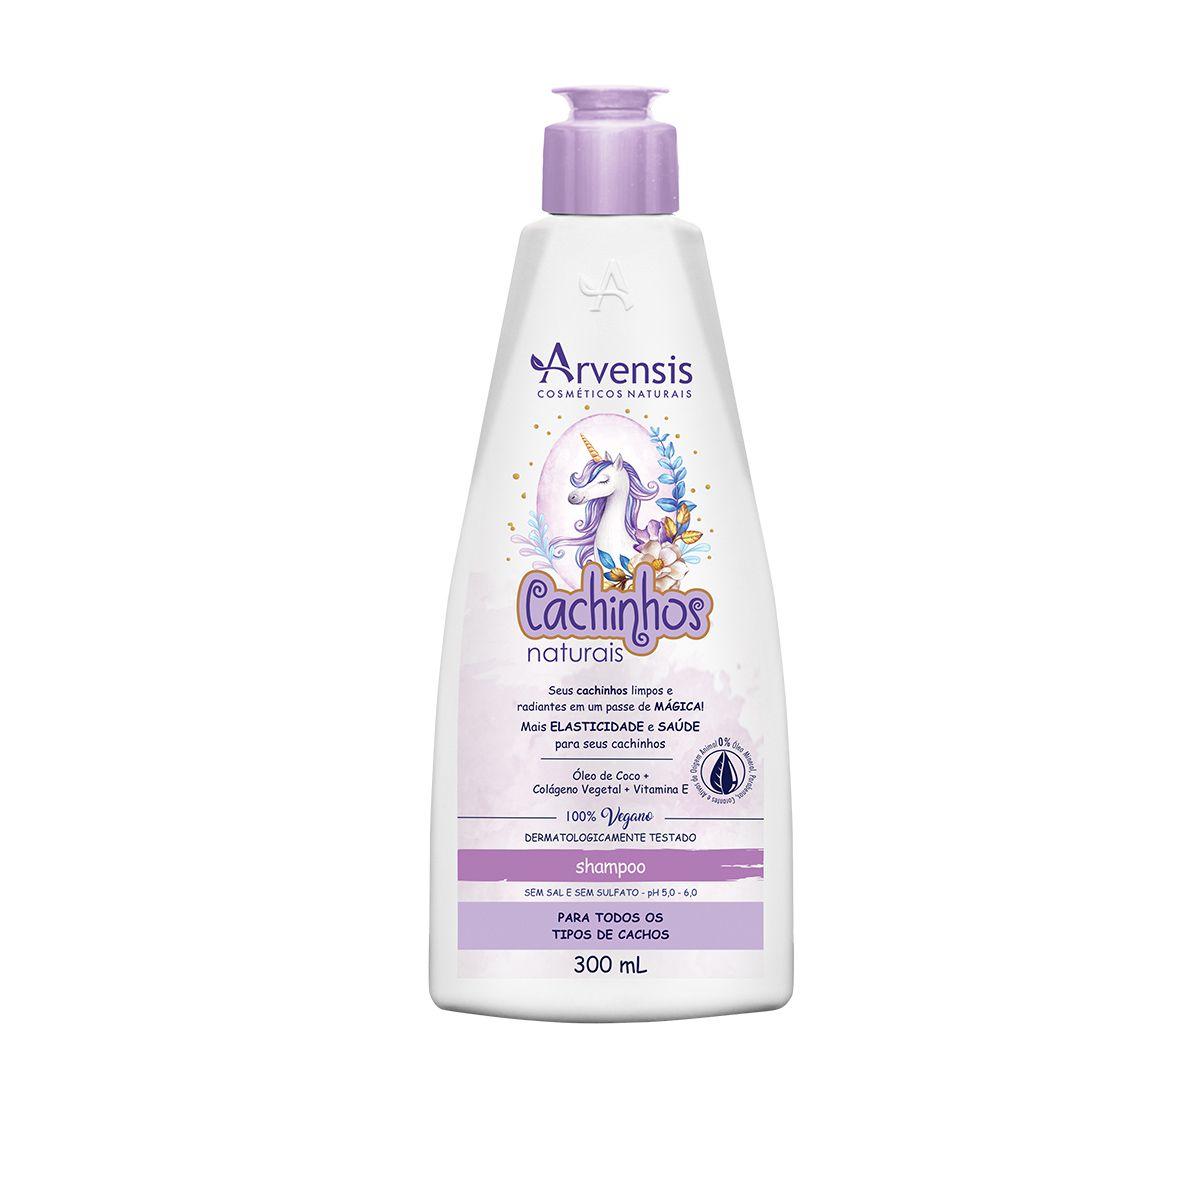 Shampoo - Cachinhos Naturais - Arvensis - 300ml